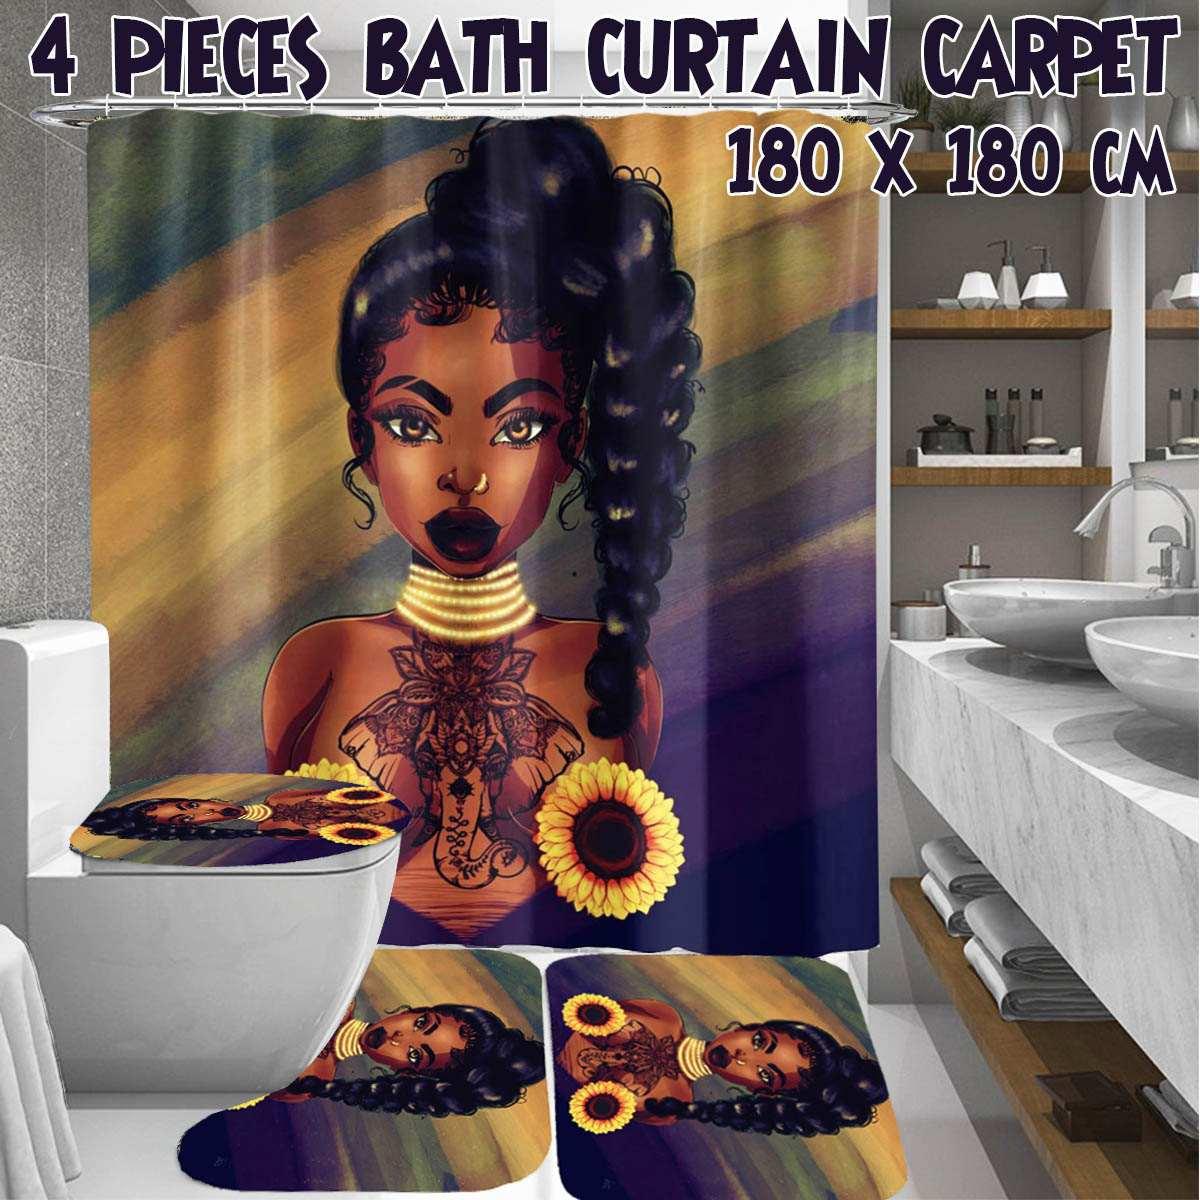 Nuevo conjunto de cortina de ducha para mujer afroamericana resistente al agua con alfombras de baño antideslizantes Afro Africa Girl Queen